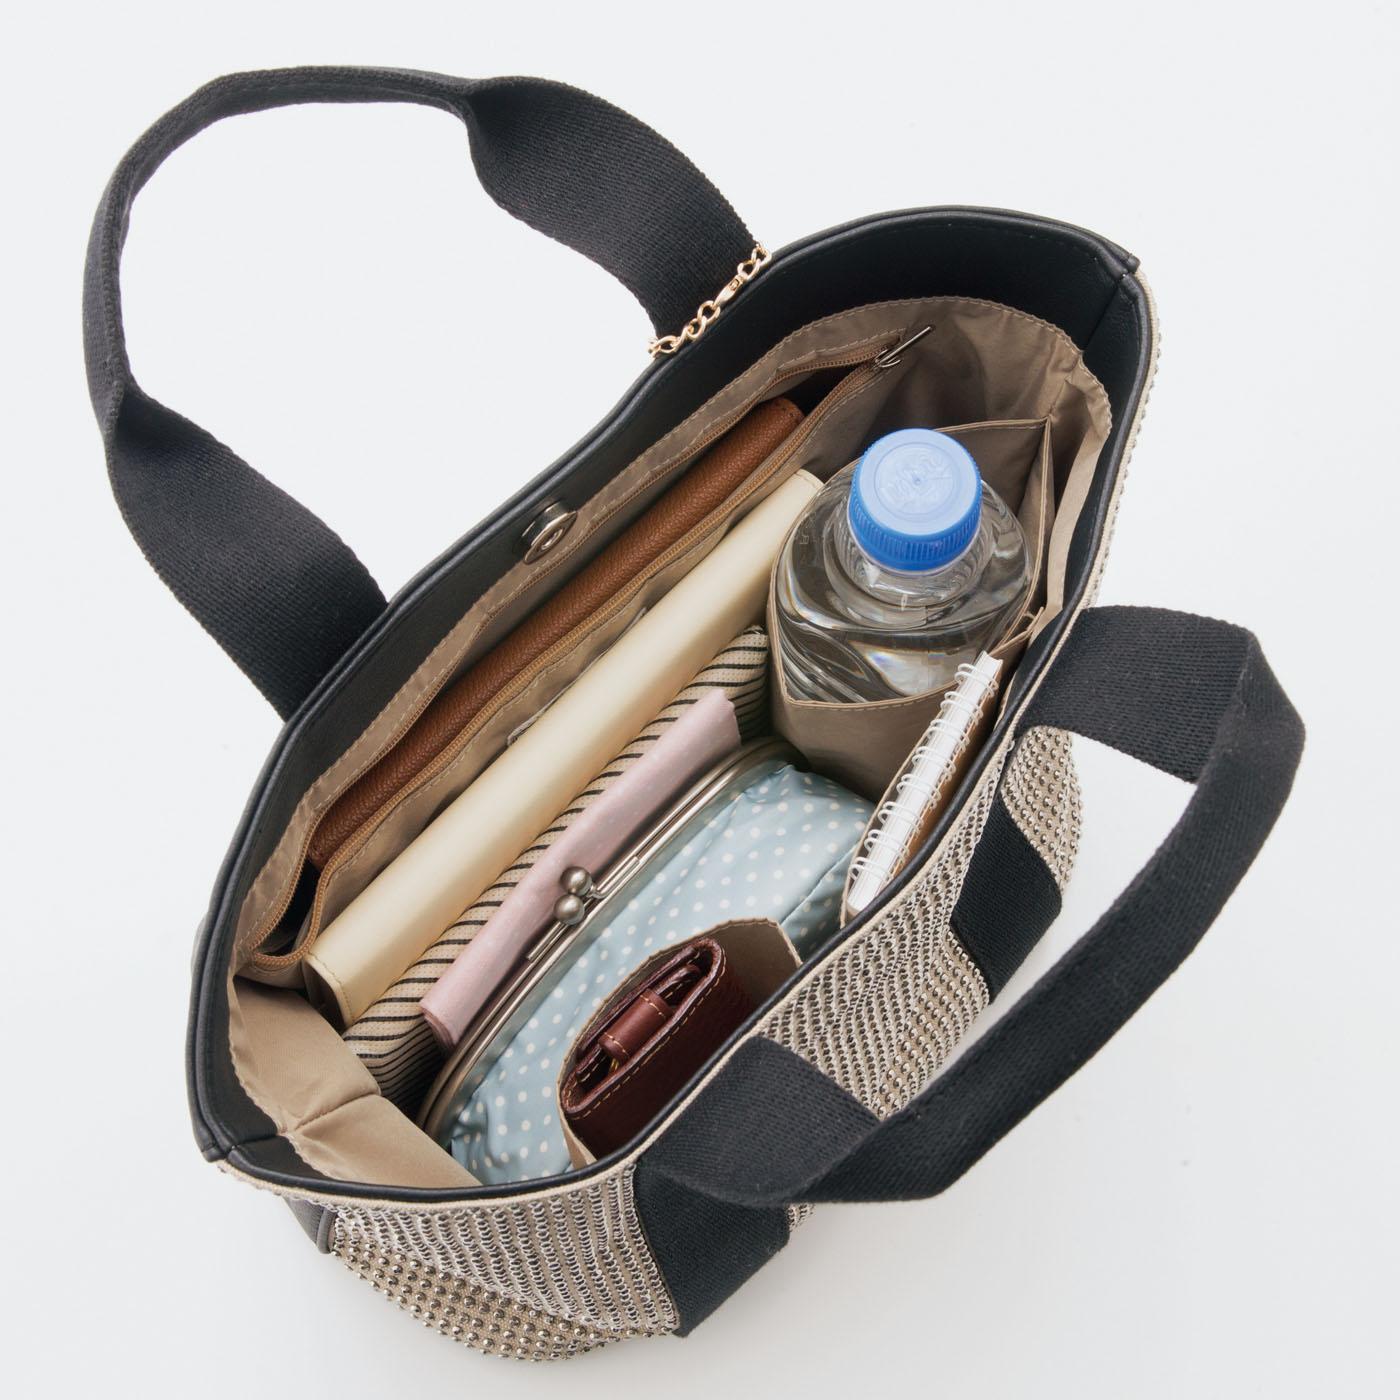 輝きポイント4 内側にはファスナーポケットの他に小物を入れるポケットが2つ、ペットボトルや折りたたみ傘がしまえるポケットも。